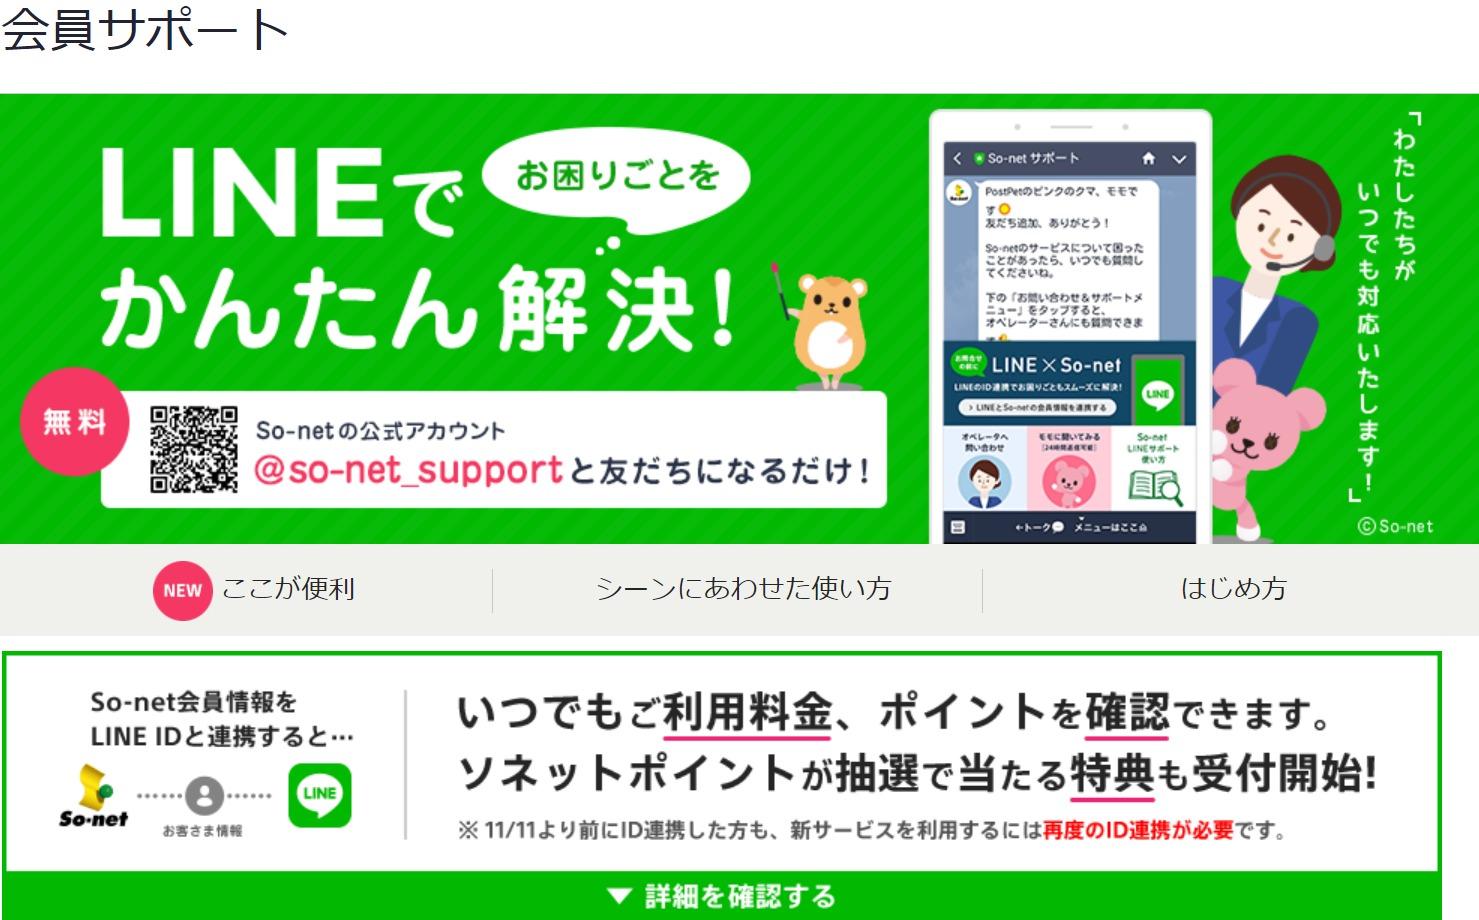 So-net会員(NURO光)はLINEと連携すると限定キャンペーンでソネットポイントが貯まる